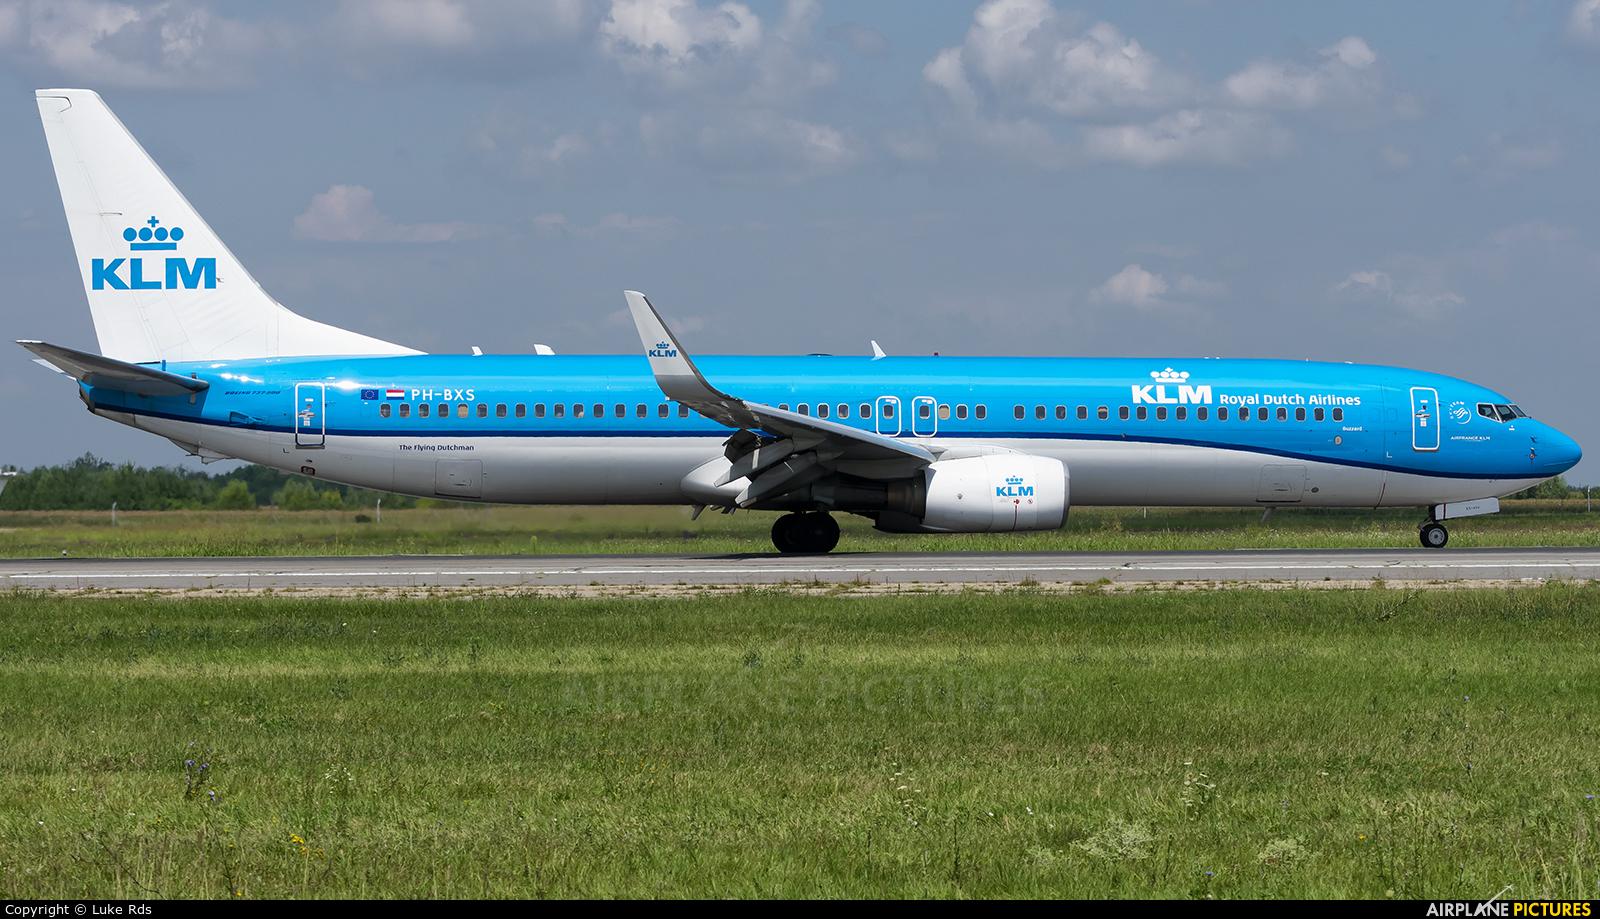 KLM PH-BXS aircraft at Bucharest - Henri Coandă